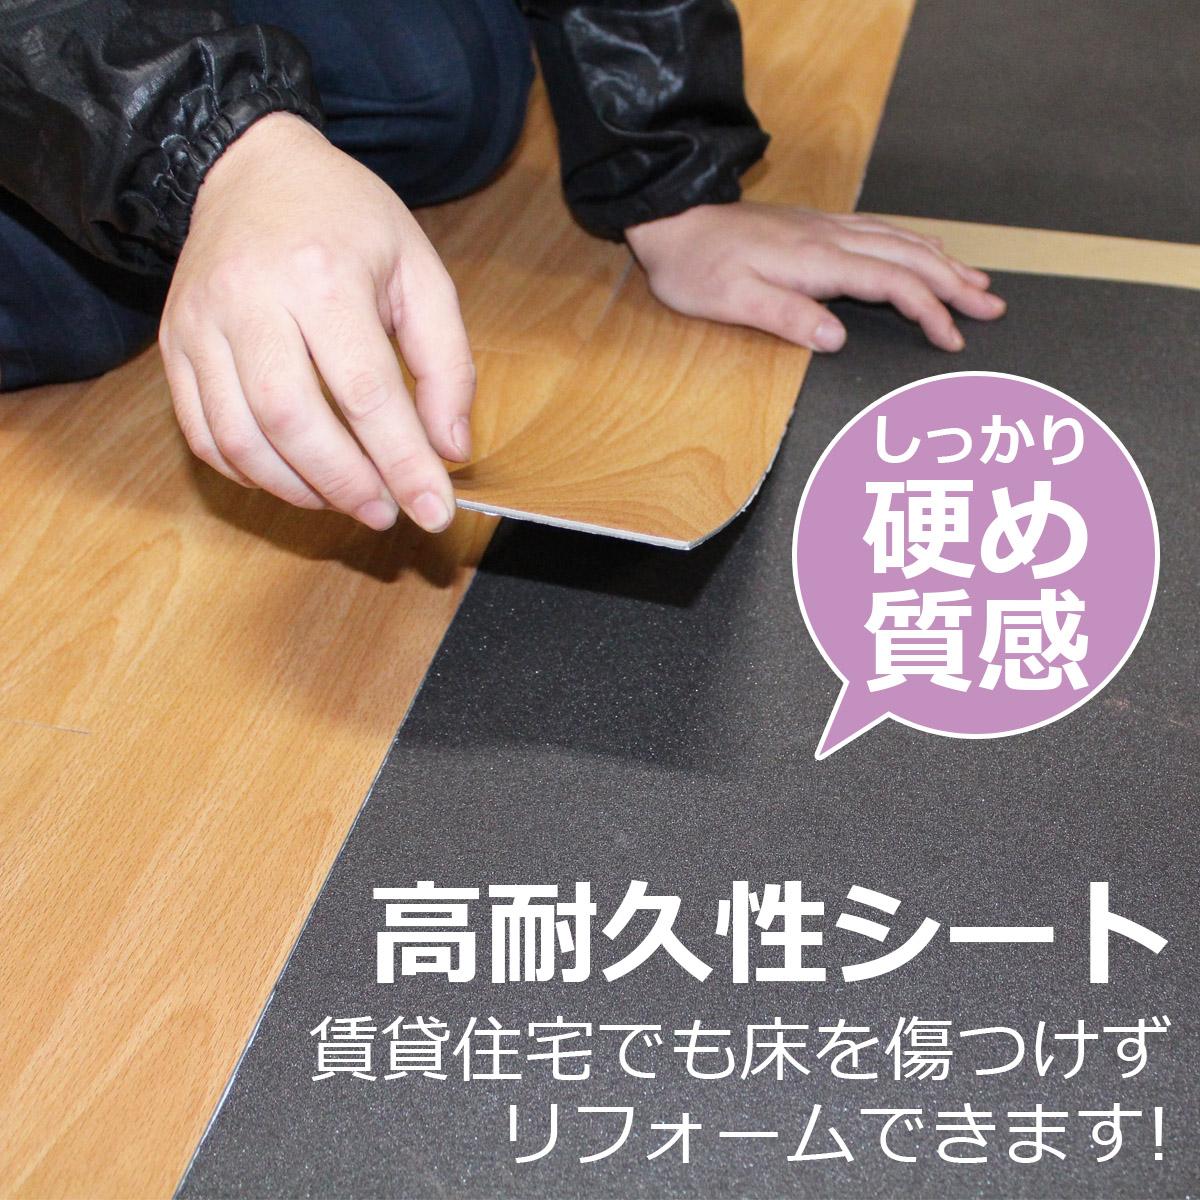 高耐久性シート 賃貸住宅でも床を傷つけずリフォームできます!しっかり硬め質感